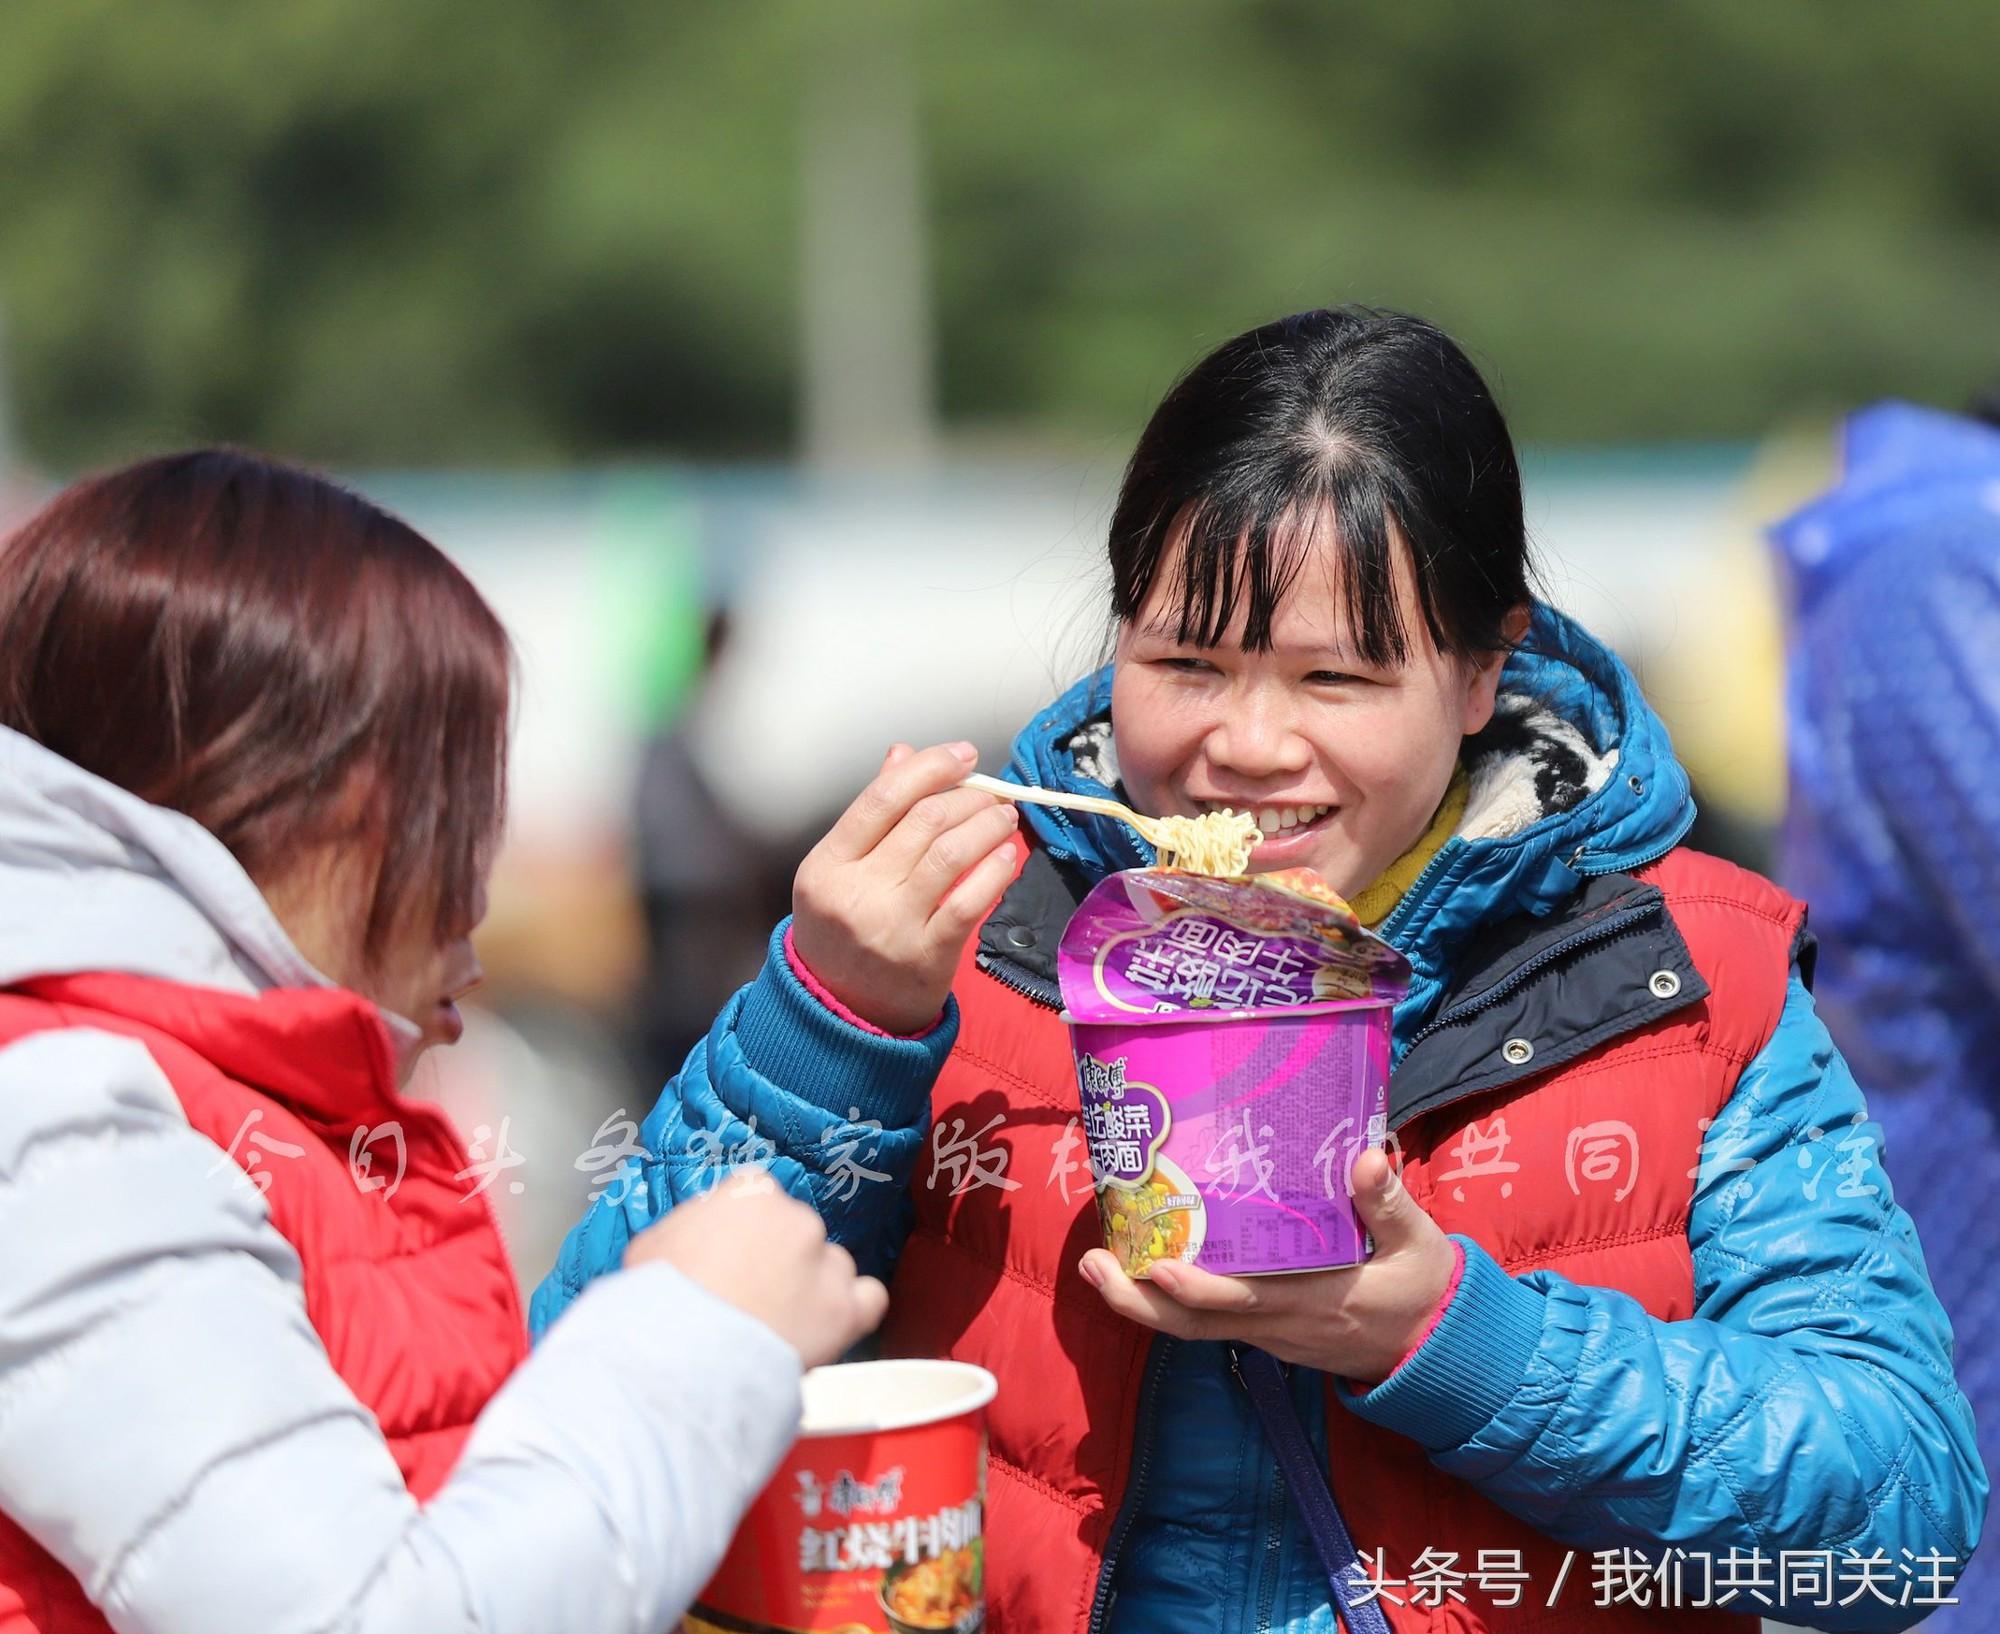 Ngán ngẩm cảnh đông đúc tại nhà xe bến tàu, hàng chục nghìn người Trung Quốc phượt trăm km về quê ăn Tết - Ảnh 11.